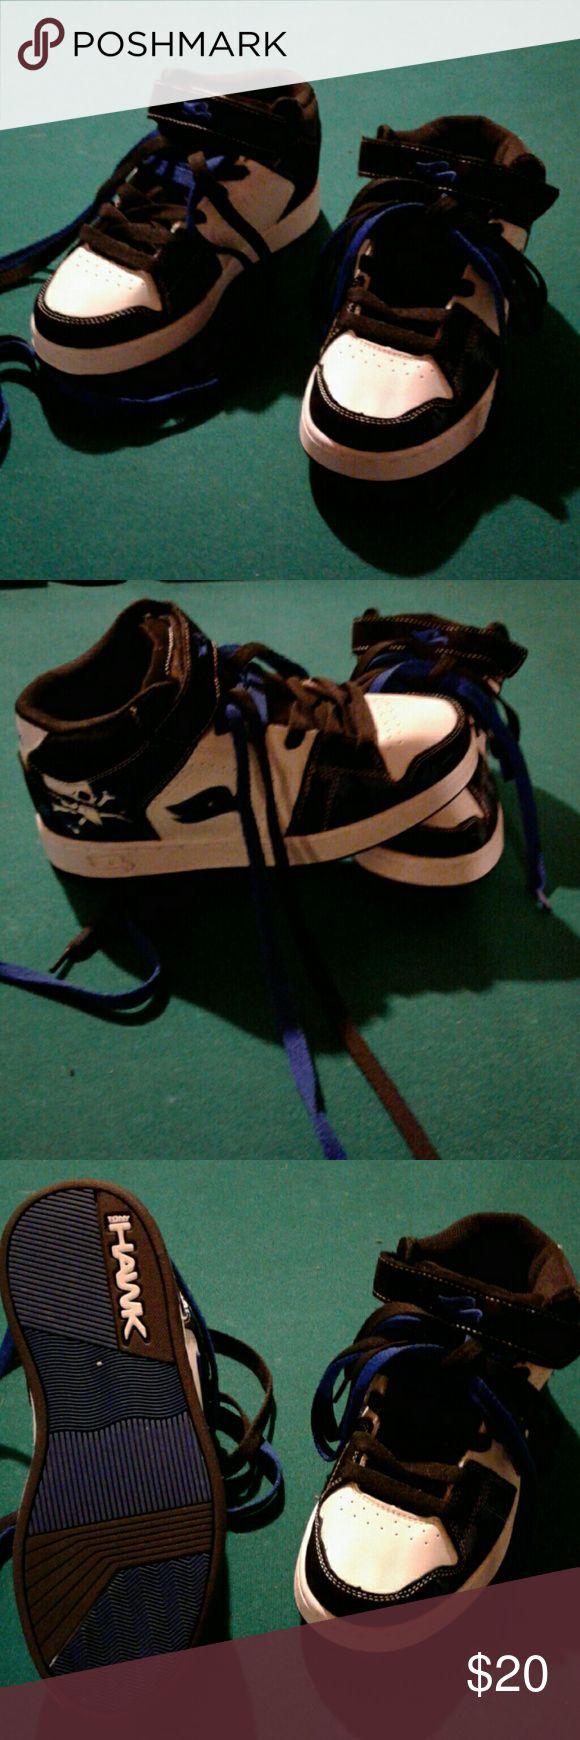 Tony Hawk DC shoes Boys 6 medium Tony Hawk shoes DC Tony Hawk Shoes Sneakers